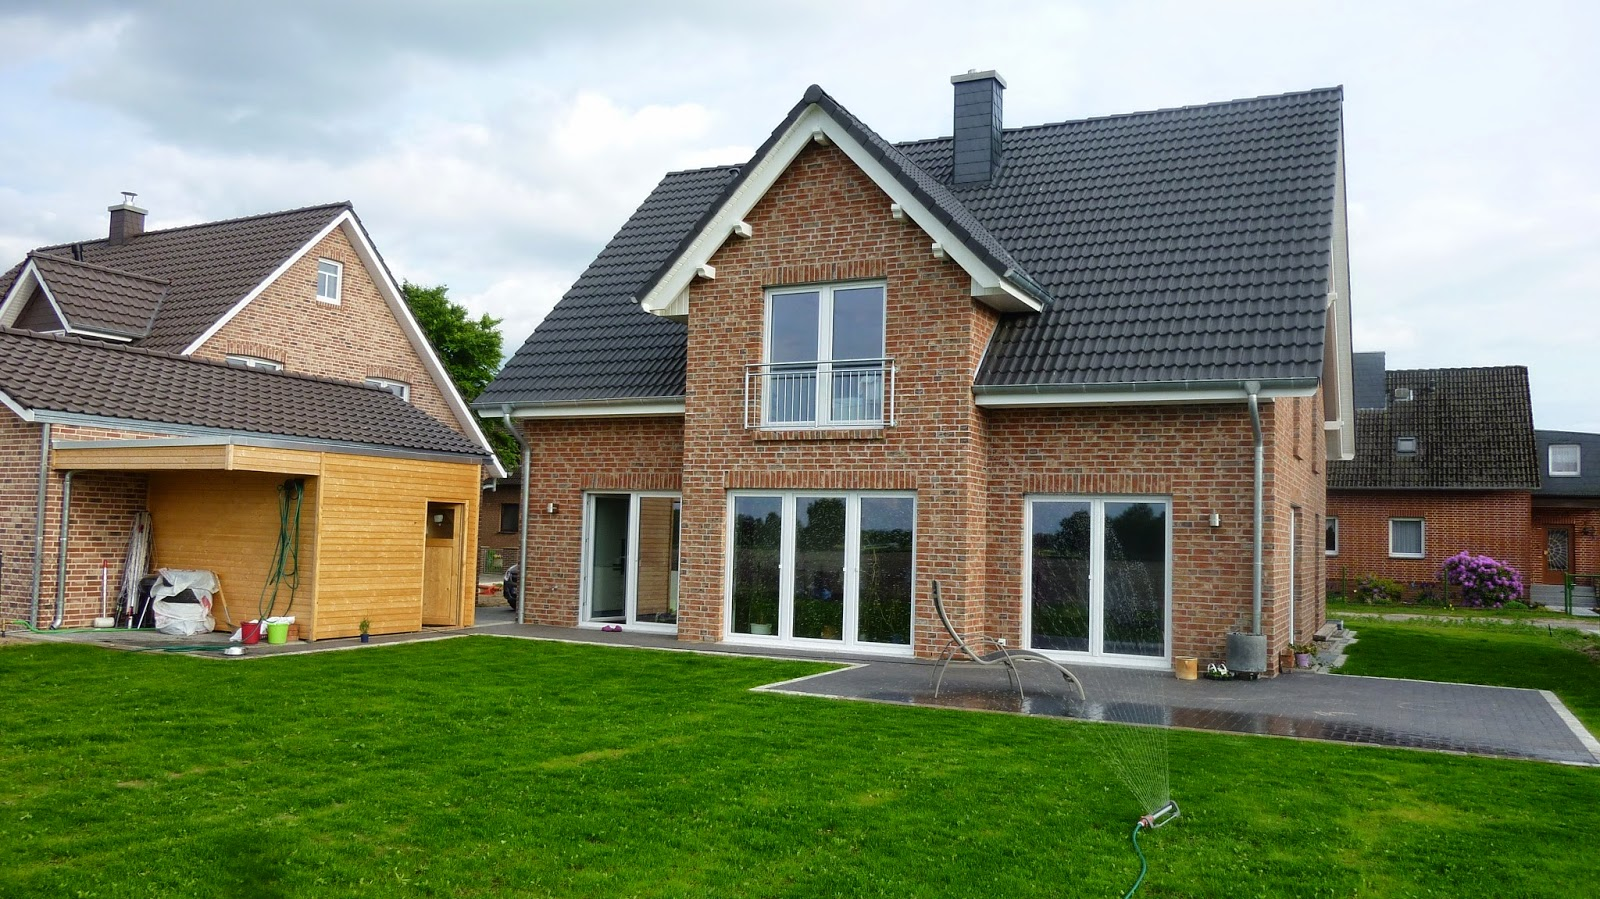 Unser Haus mit Beißner Hochbau - Bautagebuch: 2014